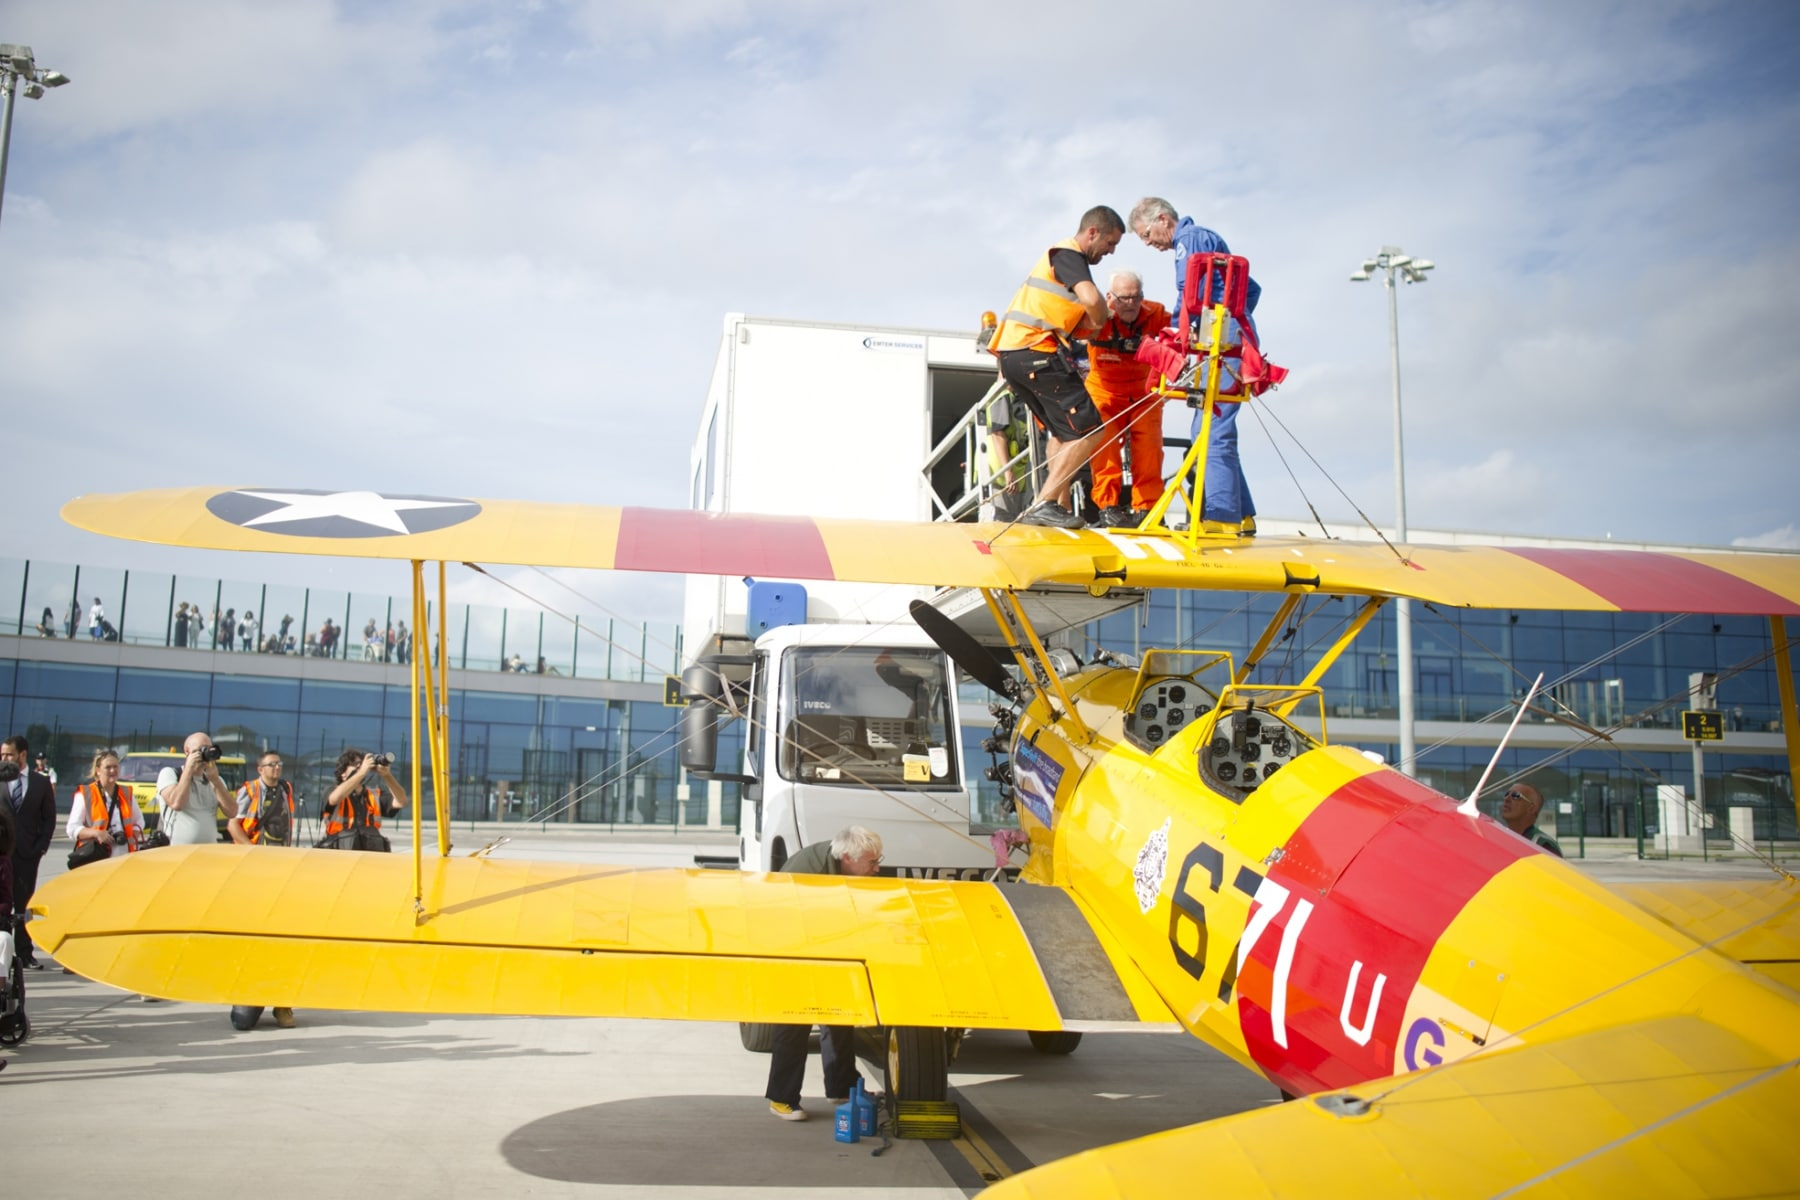 tom-lackey-acrobata-aereo-de-94-anos-en-gibraltar-10102014-08_15516255835_o